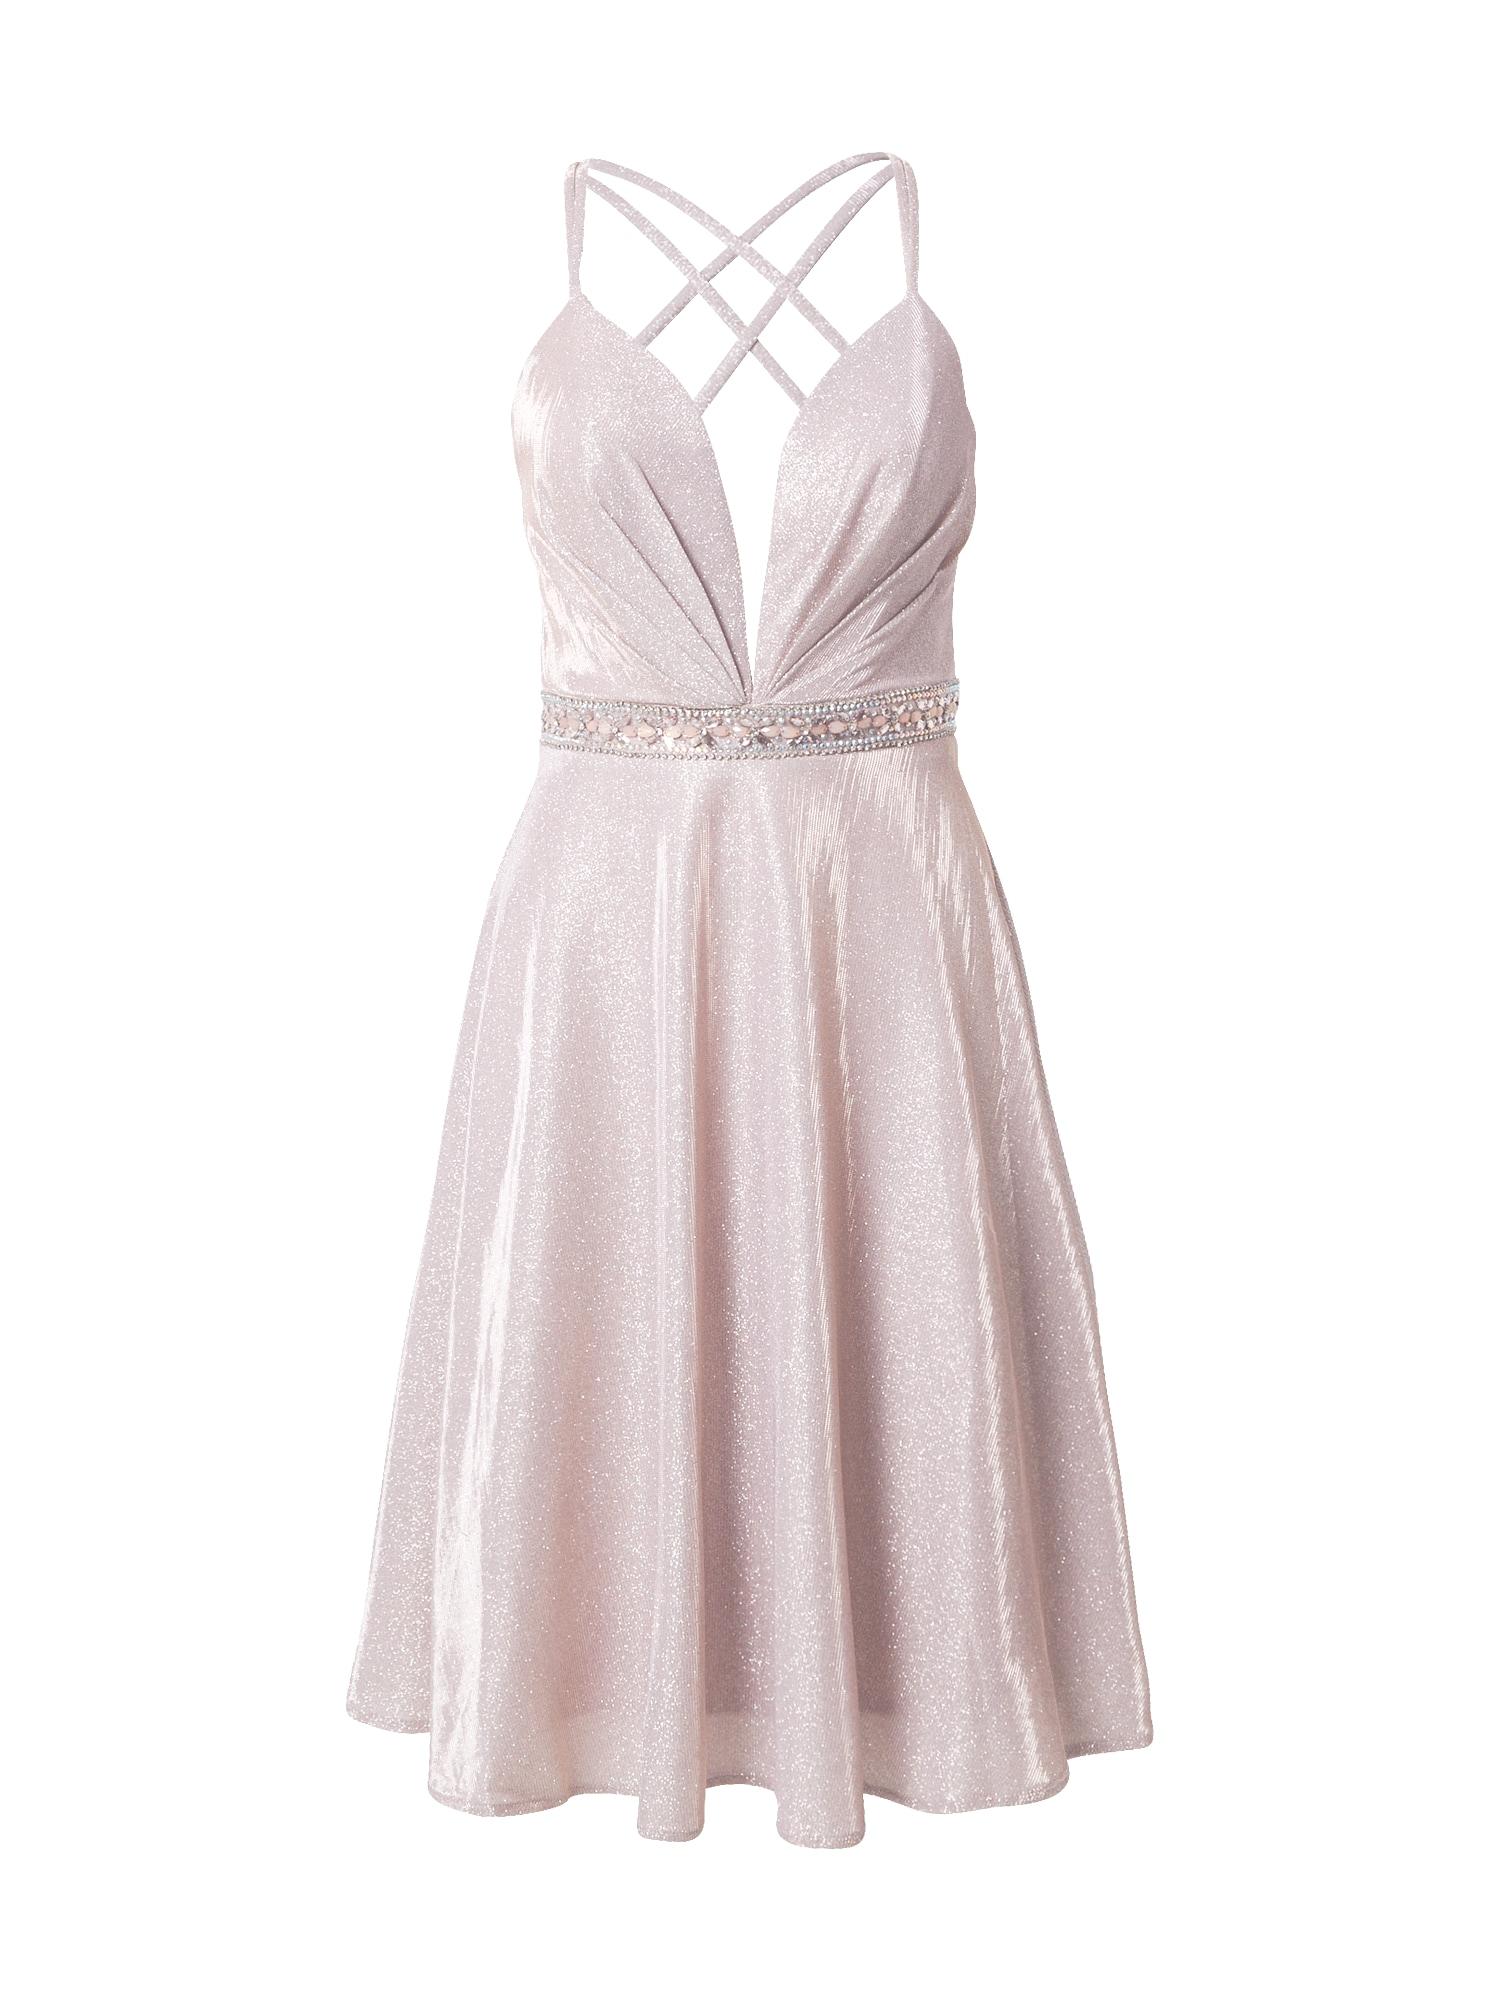 LUXUAR Kokteilinė suknelė pastelinė rožinė